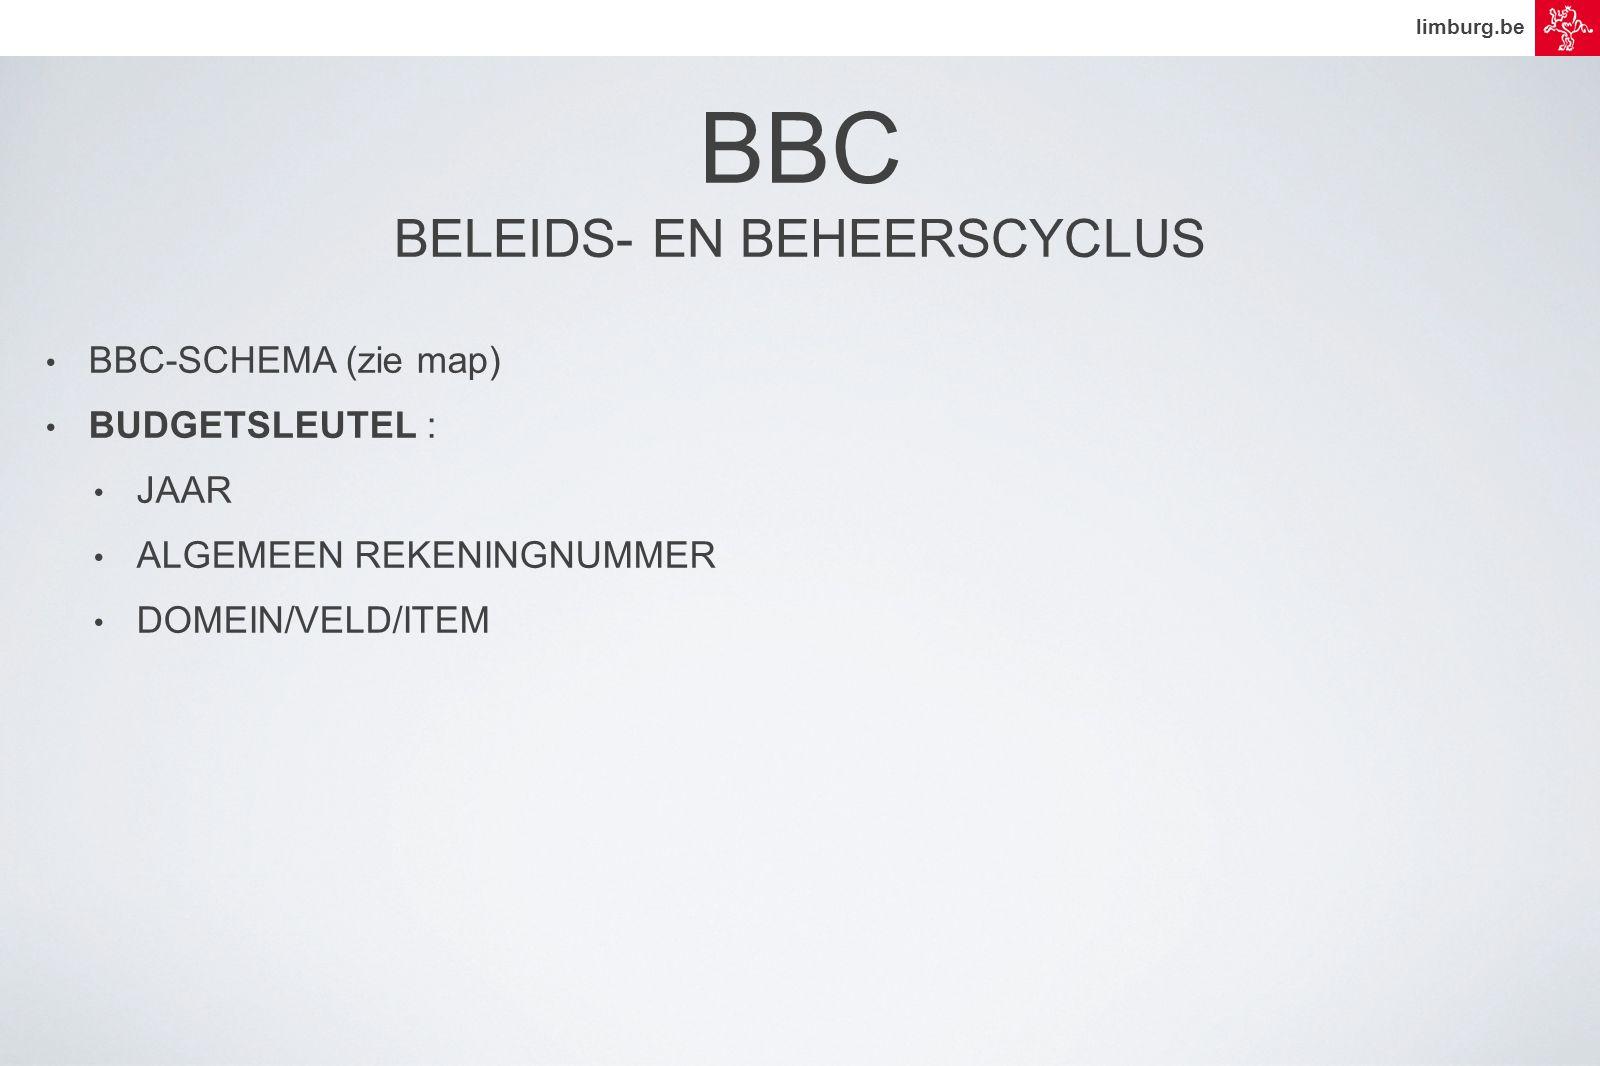 limburg.be • BBC-SCHEMA (zie map) • BUDGETSLEUTEL : • JAAR • ALGEMEEN REKENINGNUMMER • DOMEIN/VELD/ITEM BBC BELEIDS- EN BEHEERSCYCLUS